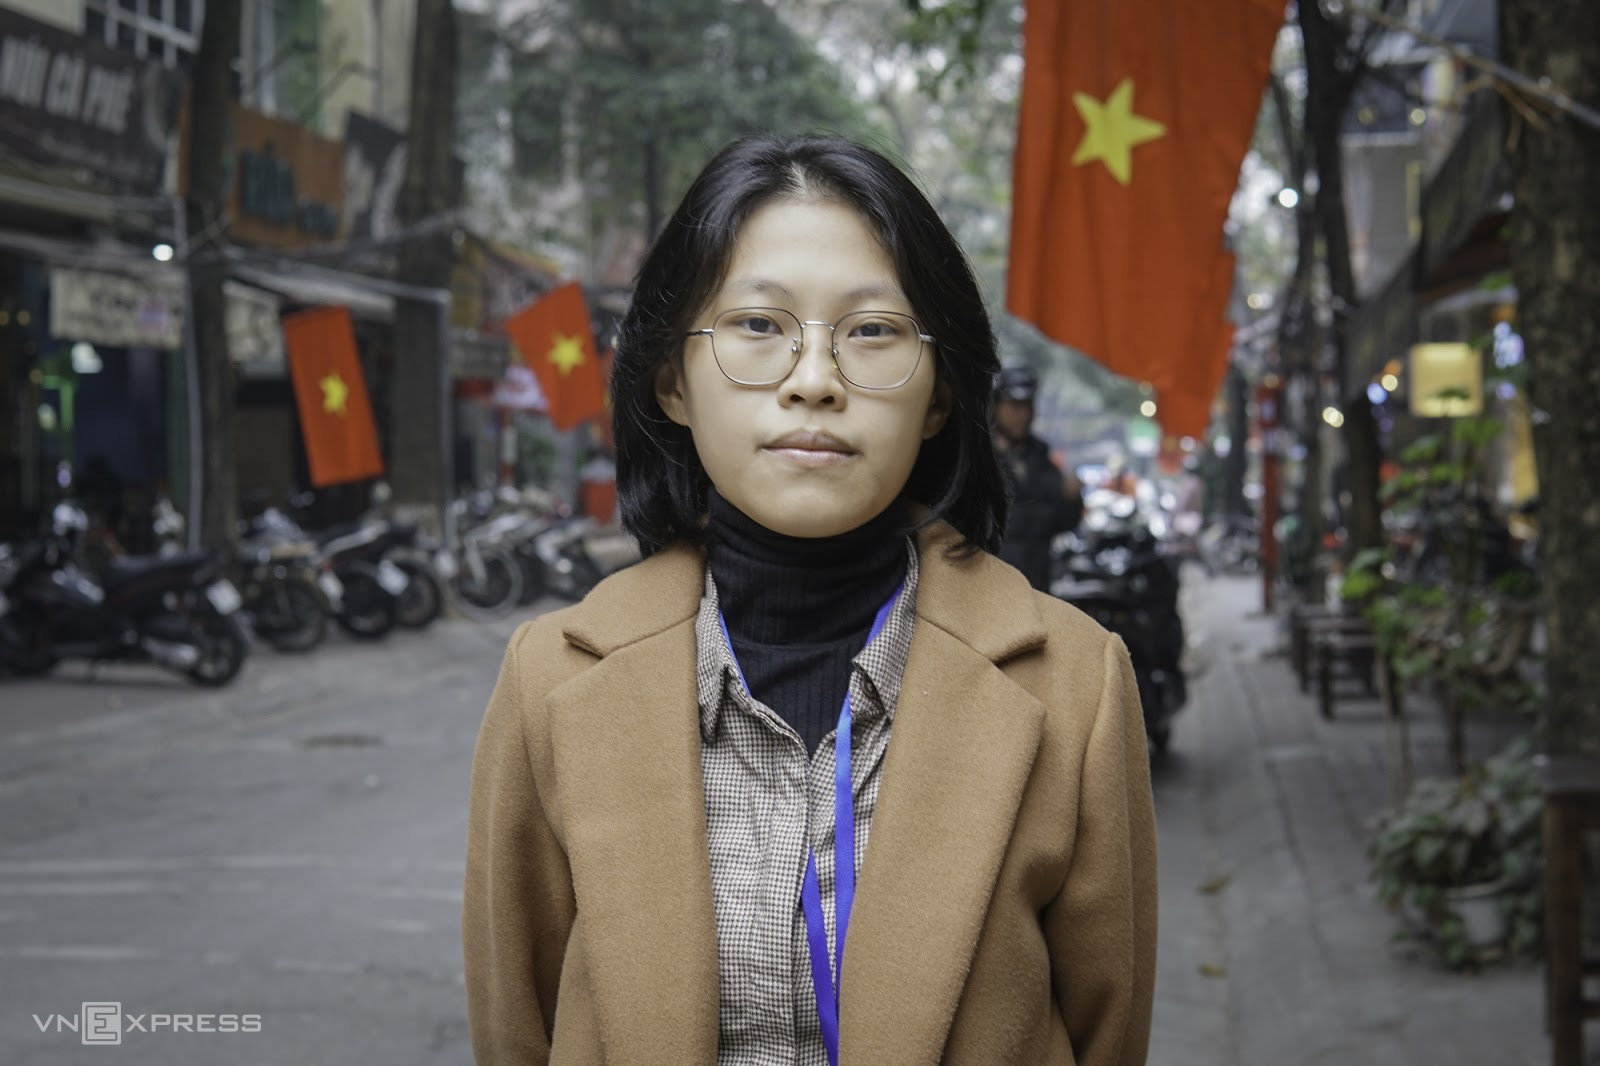 Lê Mỹ Quỳnh đang là sinh viên năm cuối ngành An toàn thông tin. Ảnh: Lưu Quý